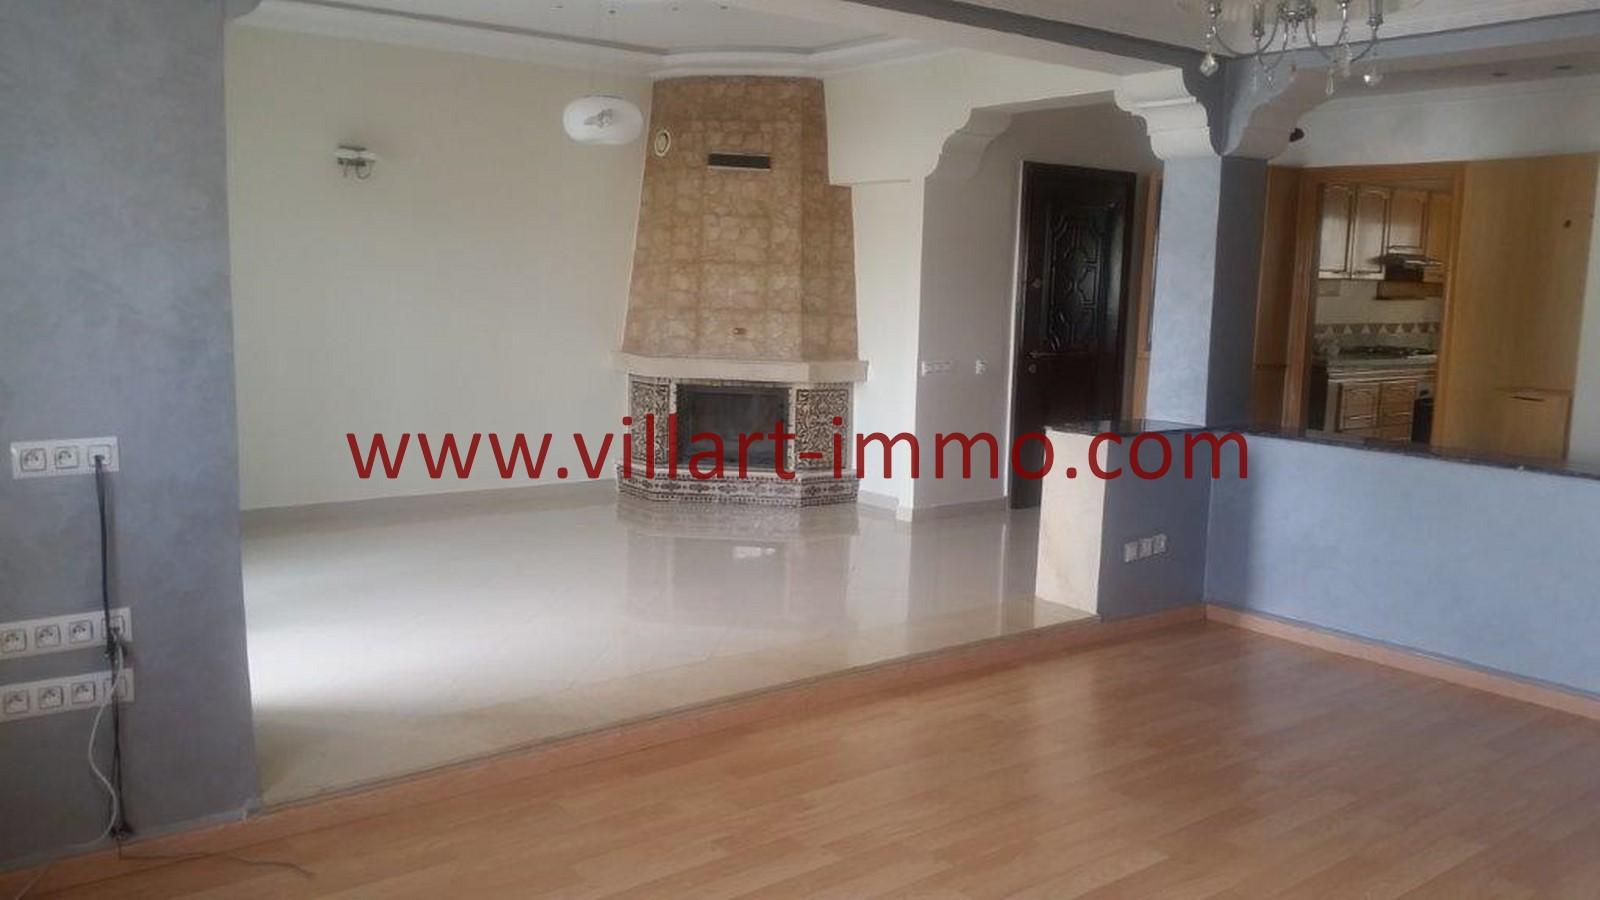 1-Location-appartement-Non meublé-Tanger-Californie-salon-L1028